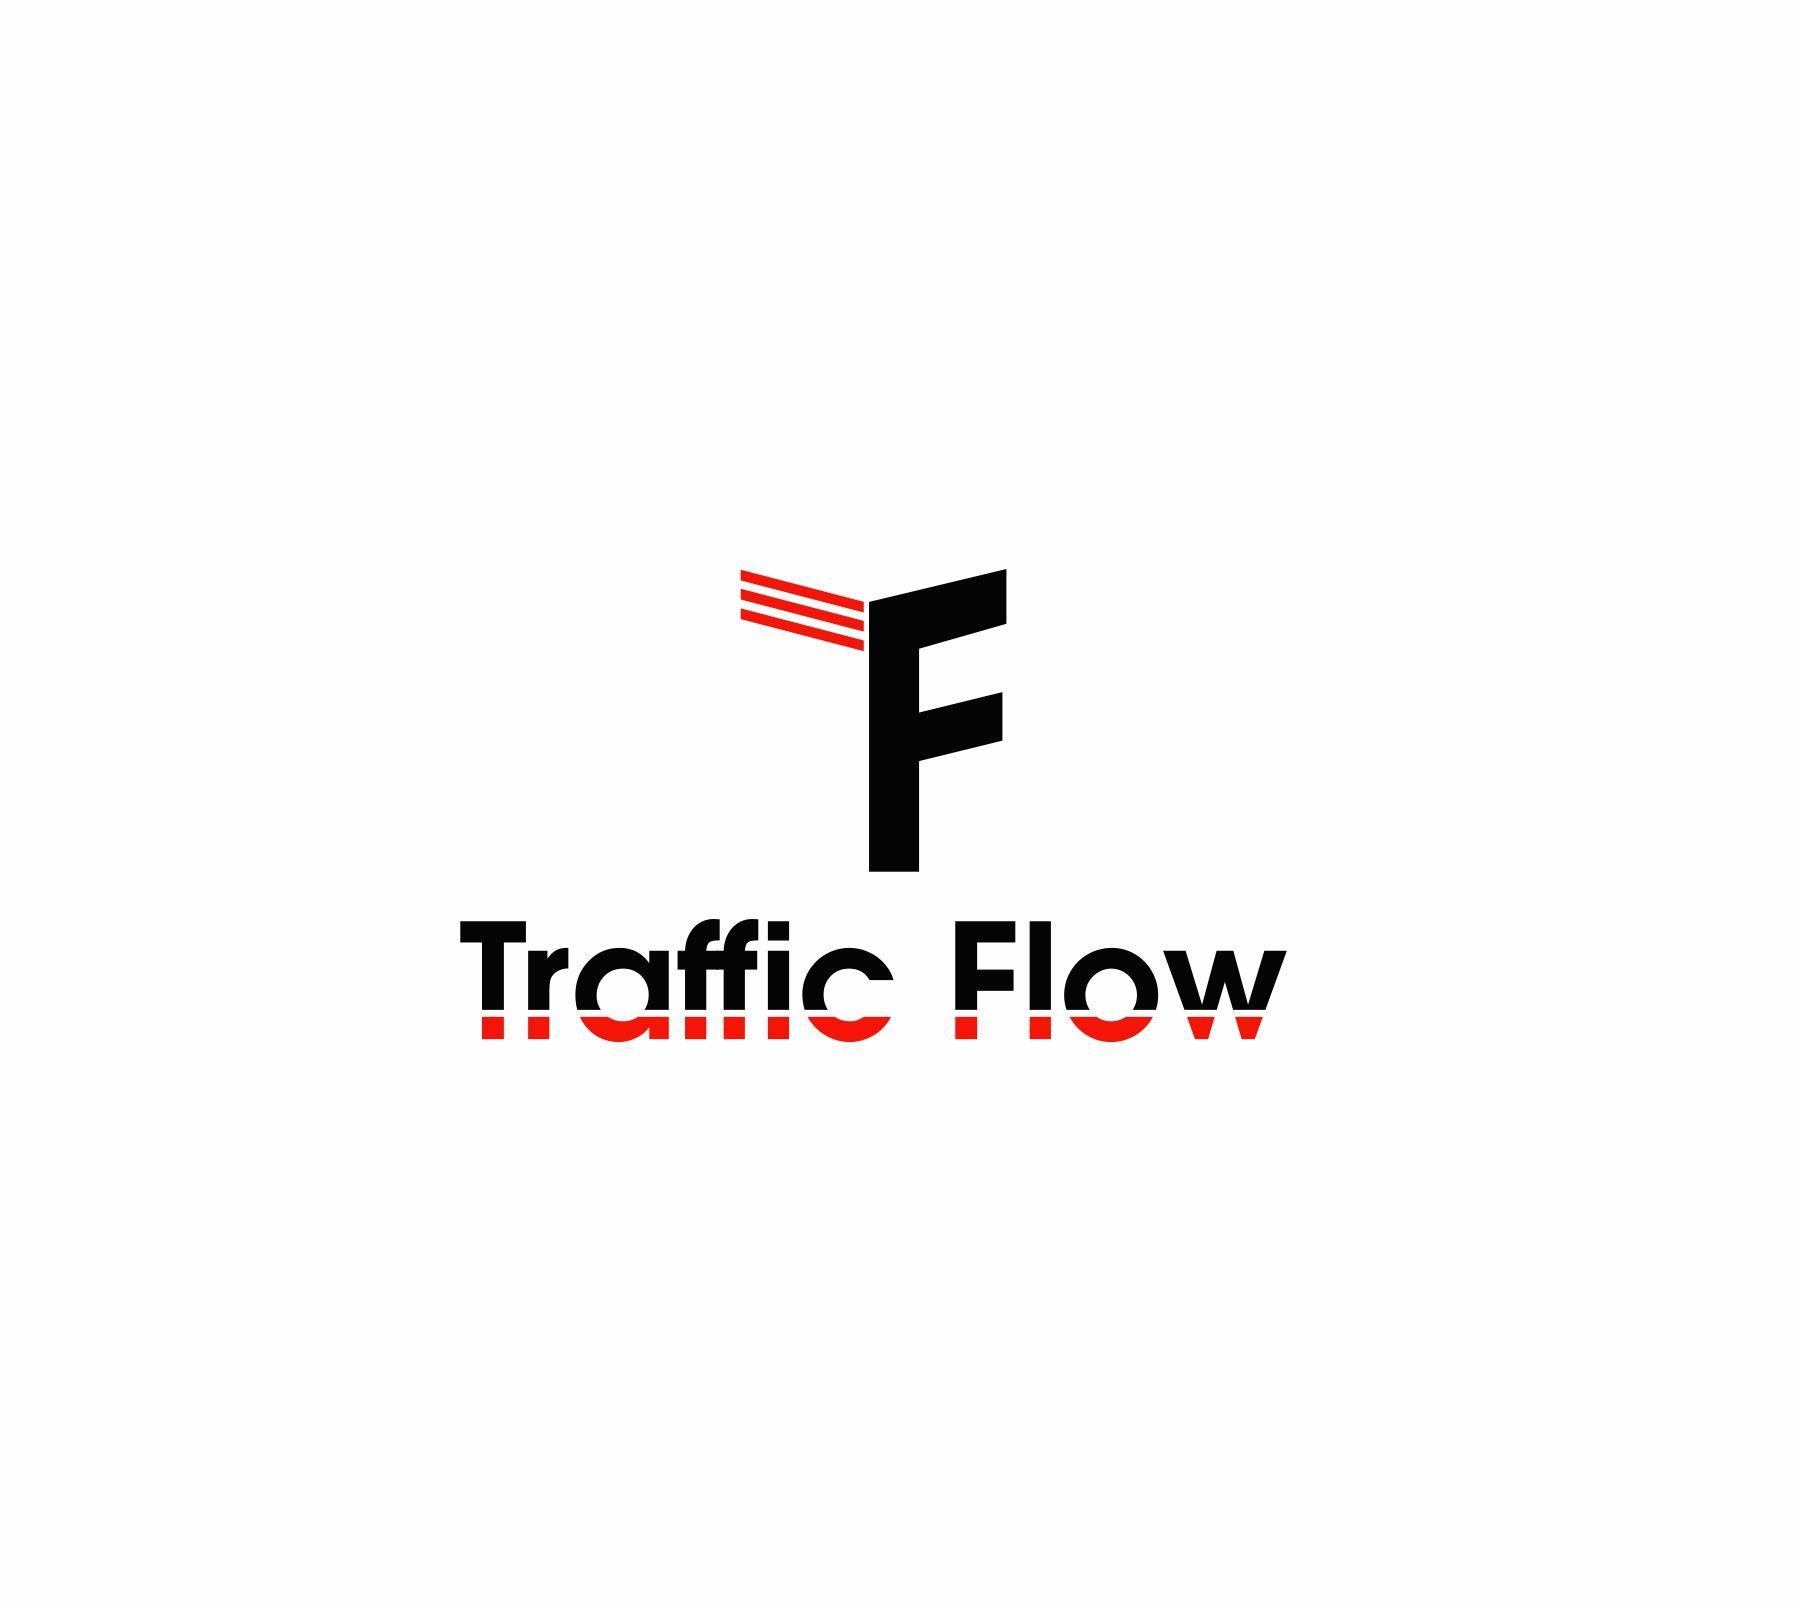 Лого и фирменный стиль для Traffic Flow - дизайнер anstep